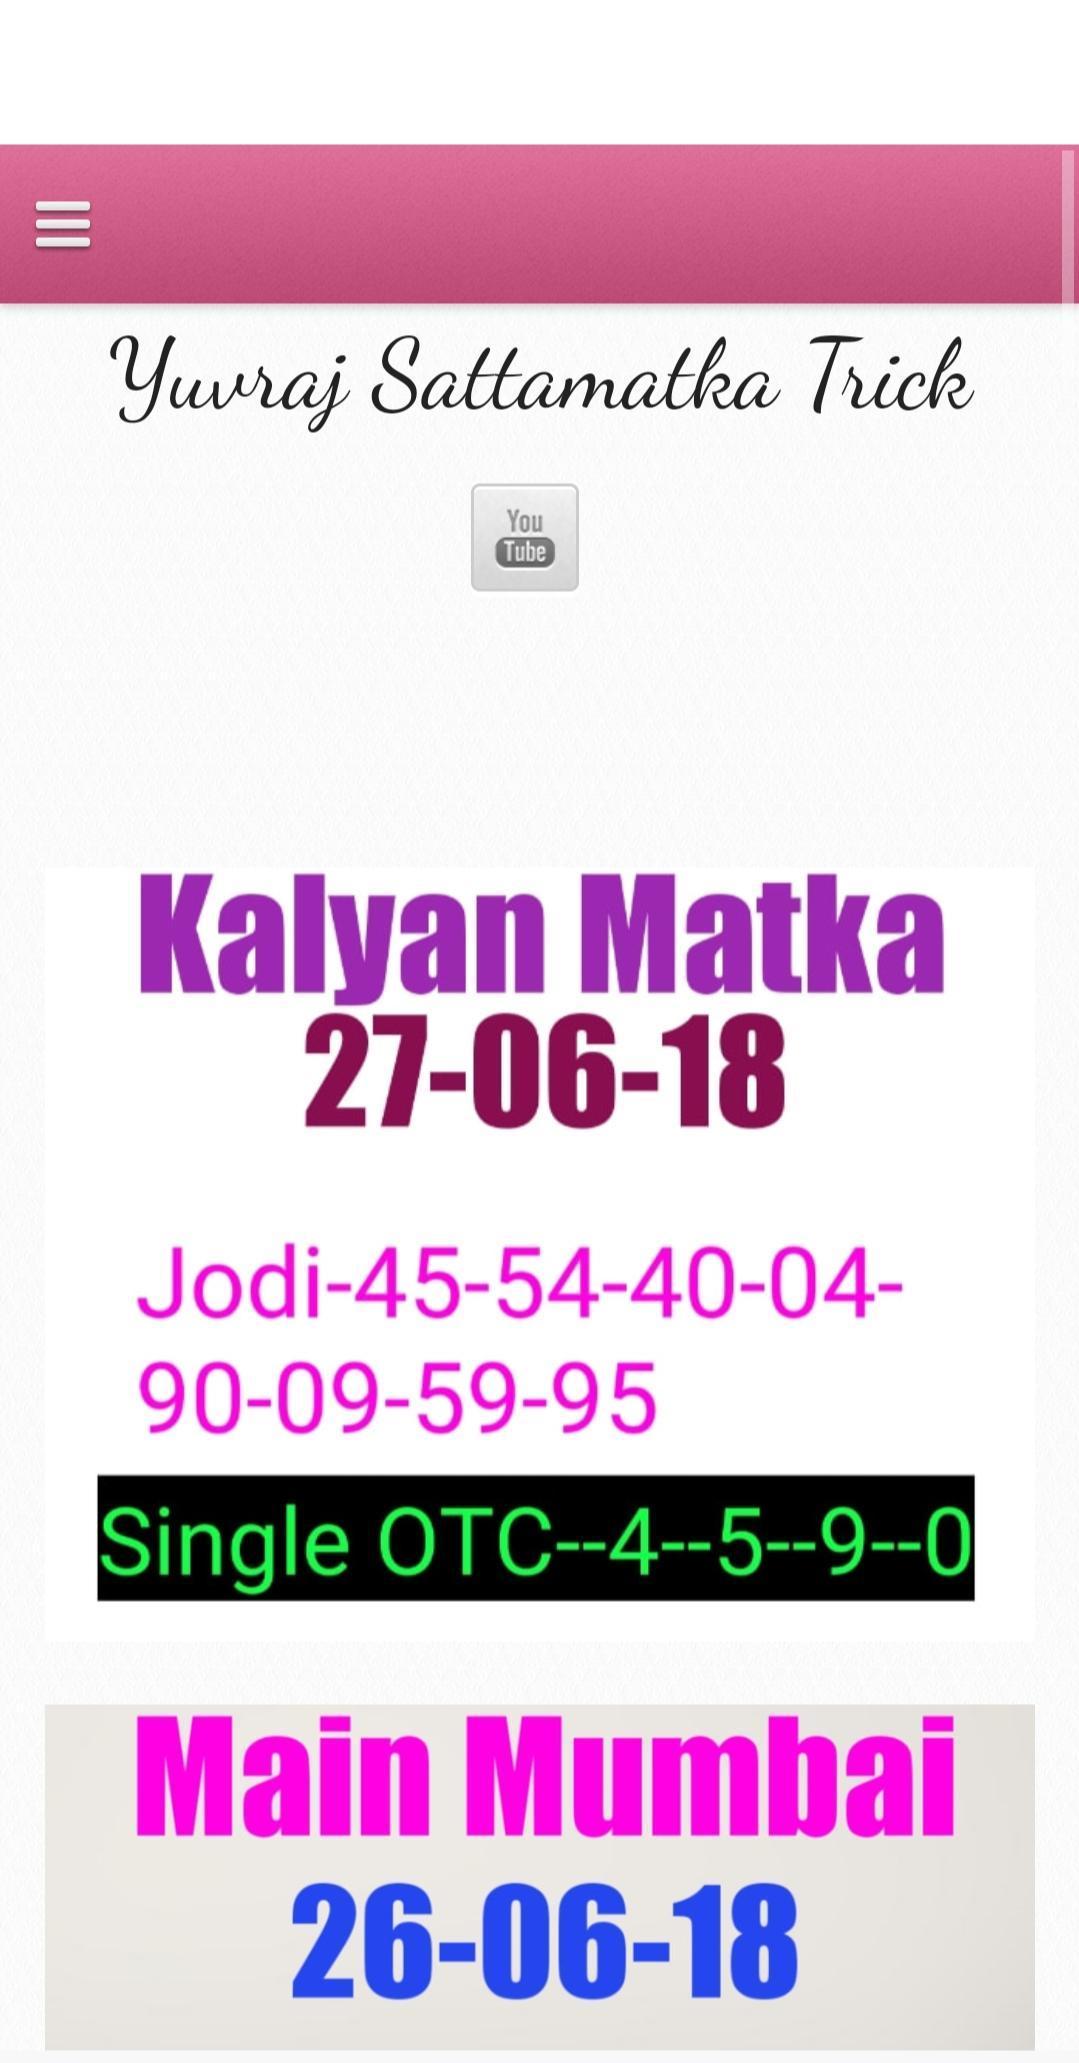 Fix Open Matka Bazaar for Android - APK Download